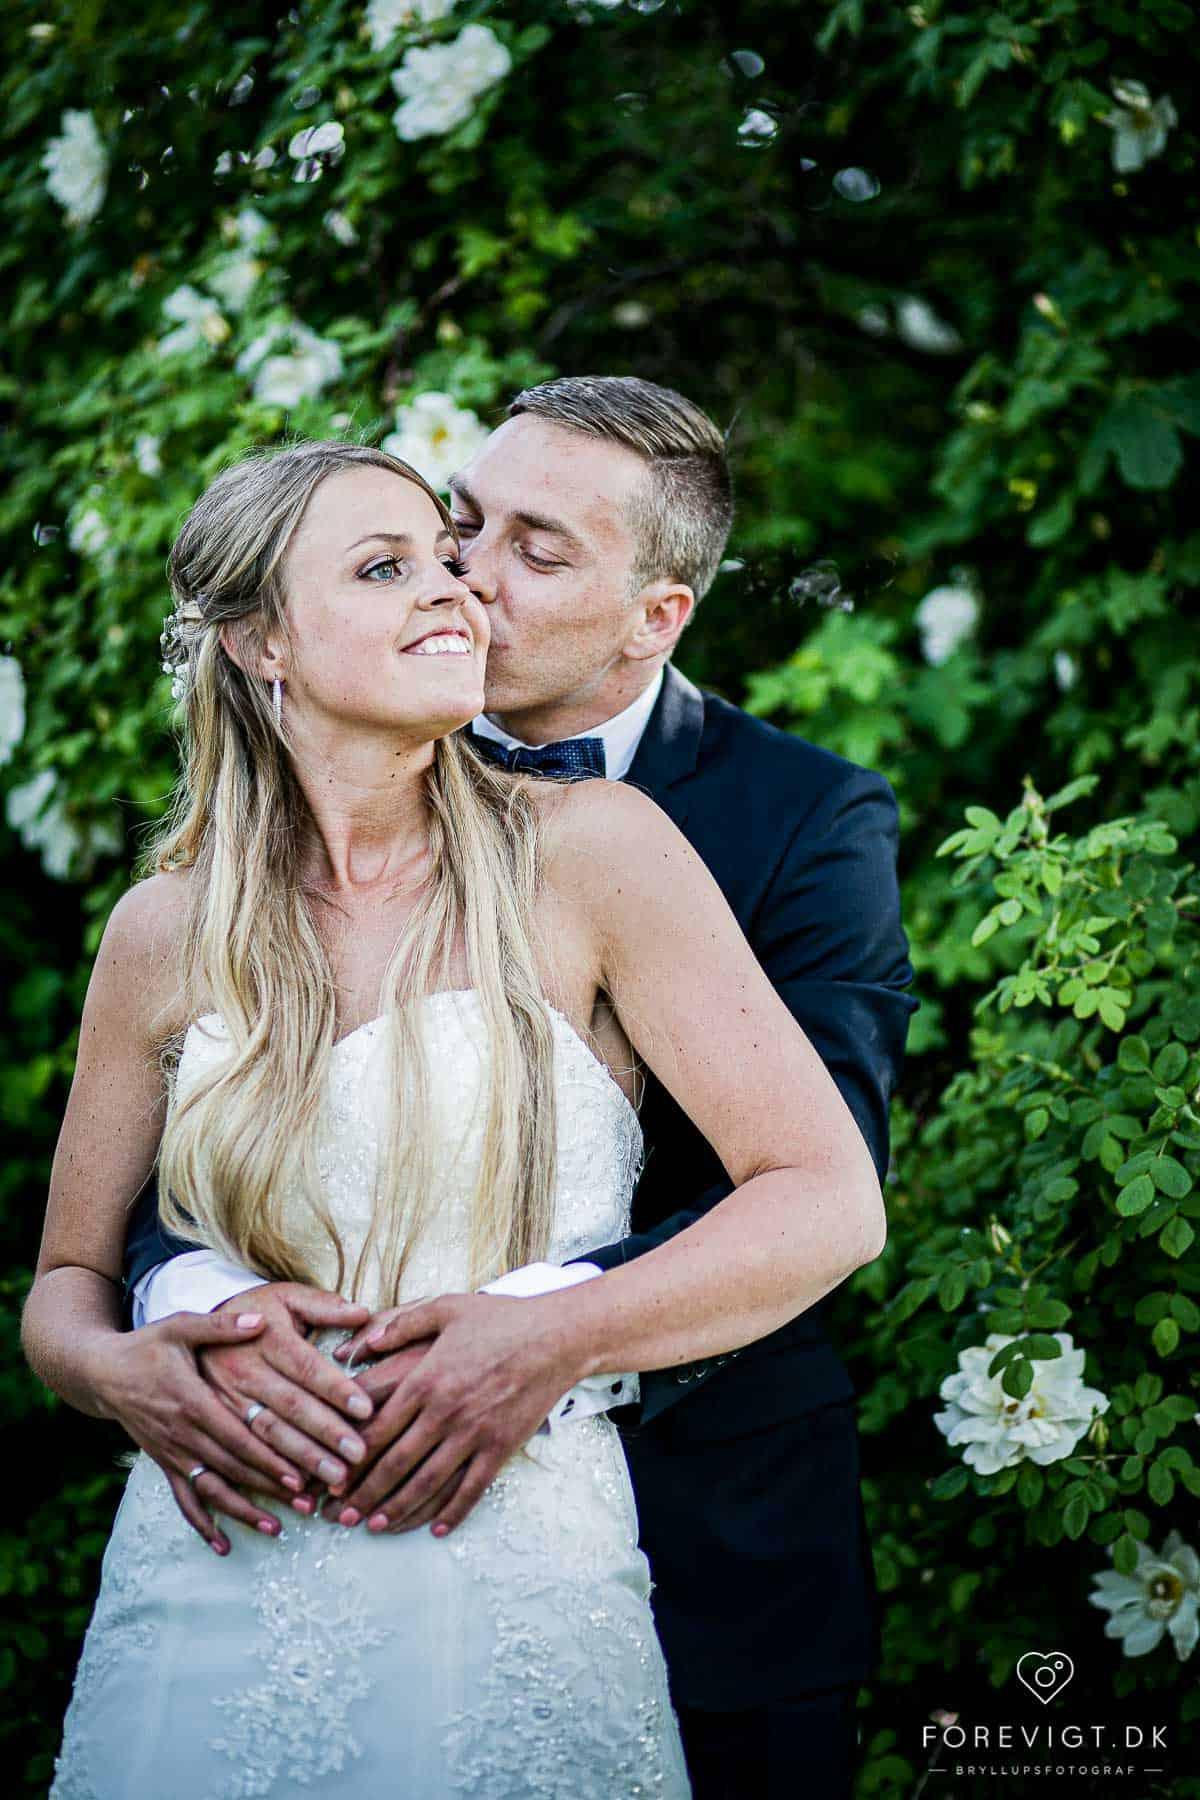 Bryllup Roskilde - Fotograf Roskilde - portrætfotograf og ...